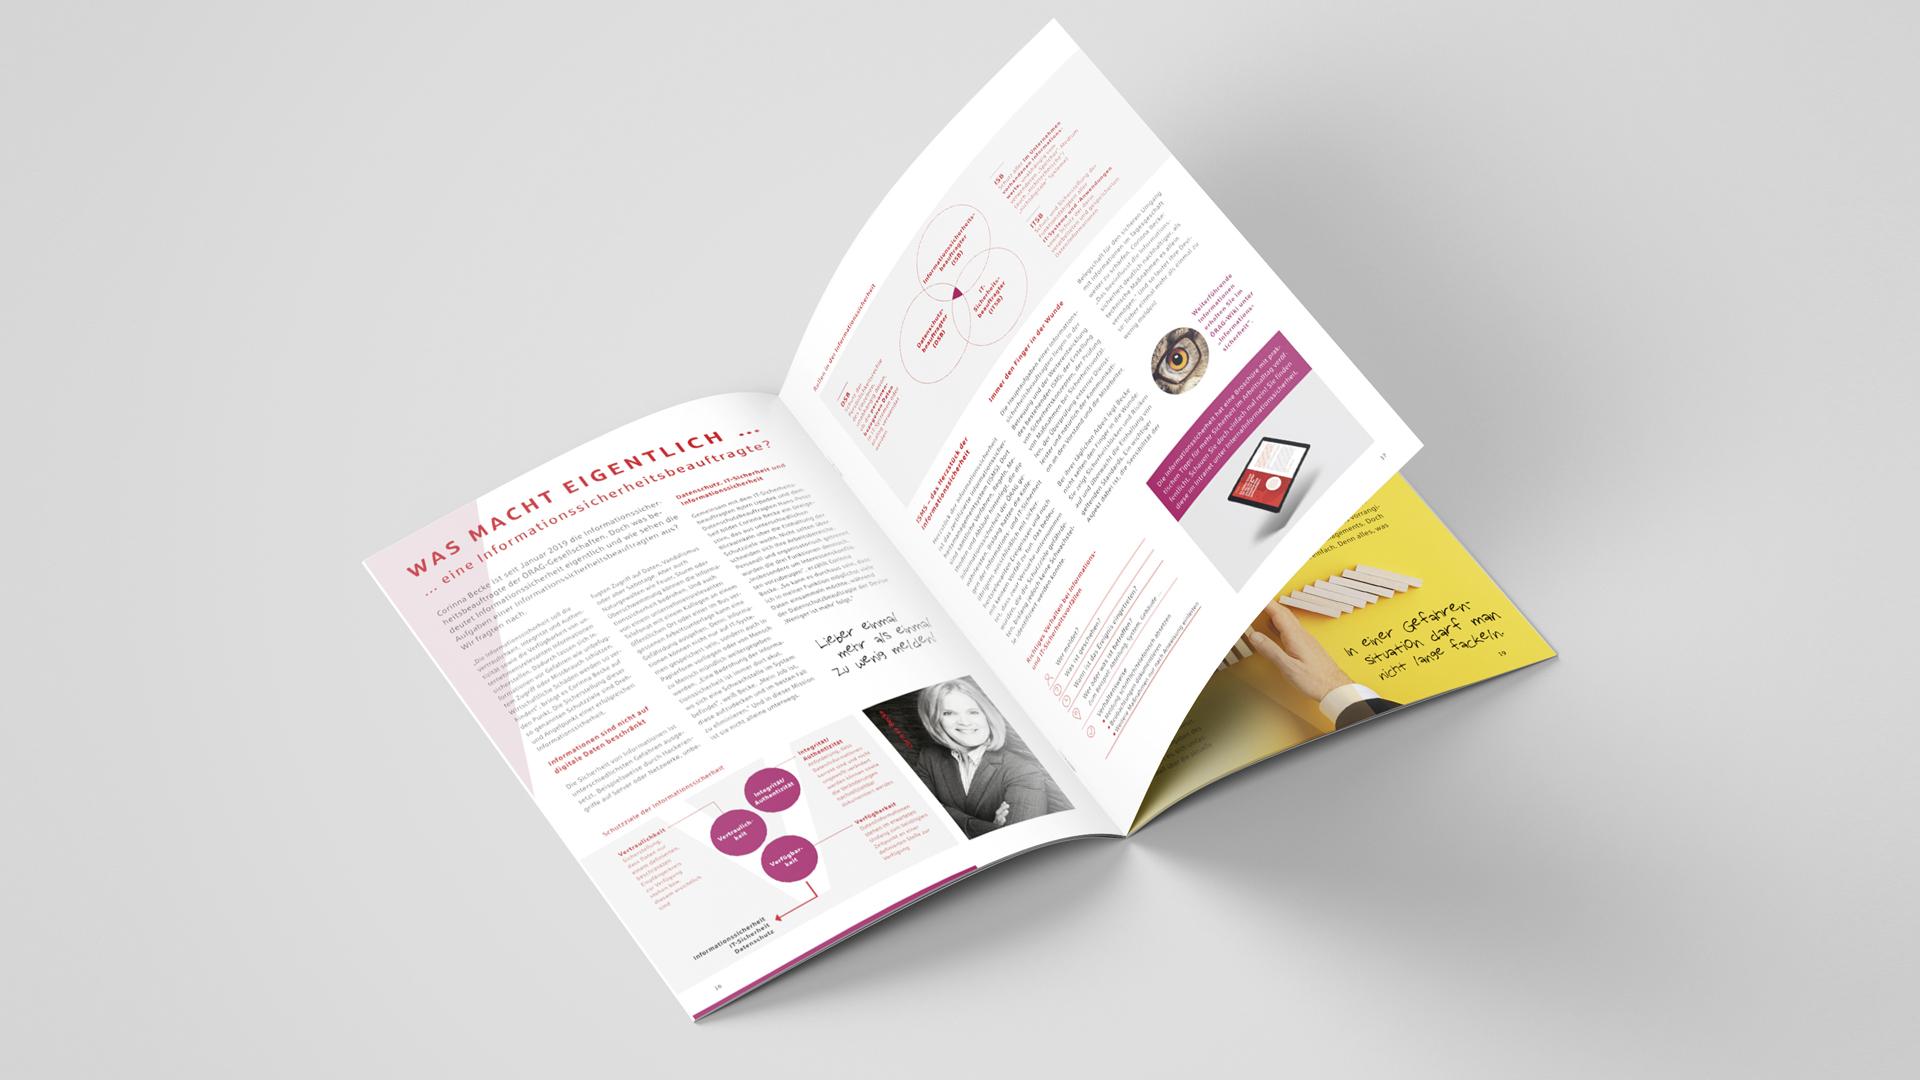 Corporate Publishing – Das neue Mitarbeitermagazin der ÖRAG Gruppe, Doppelseite